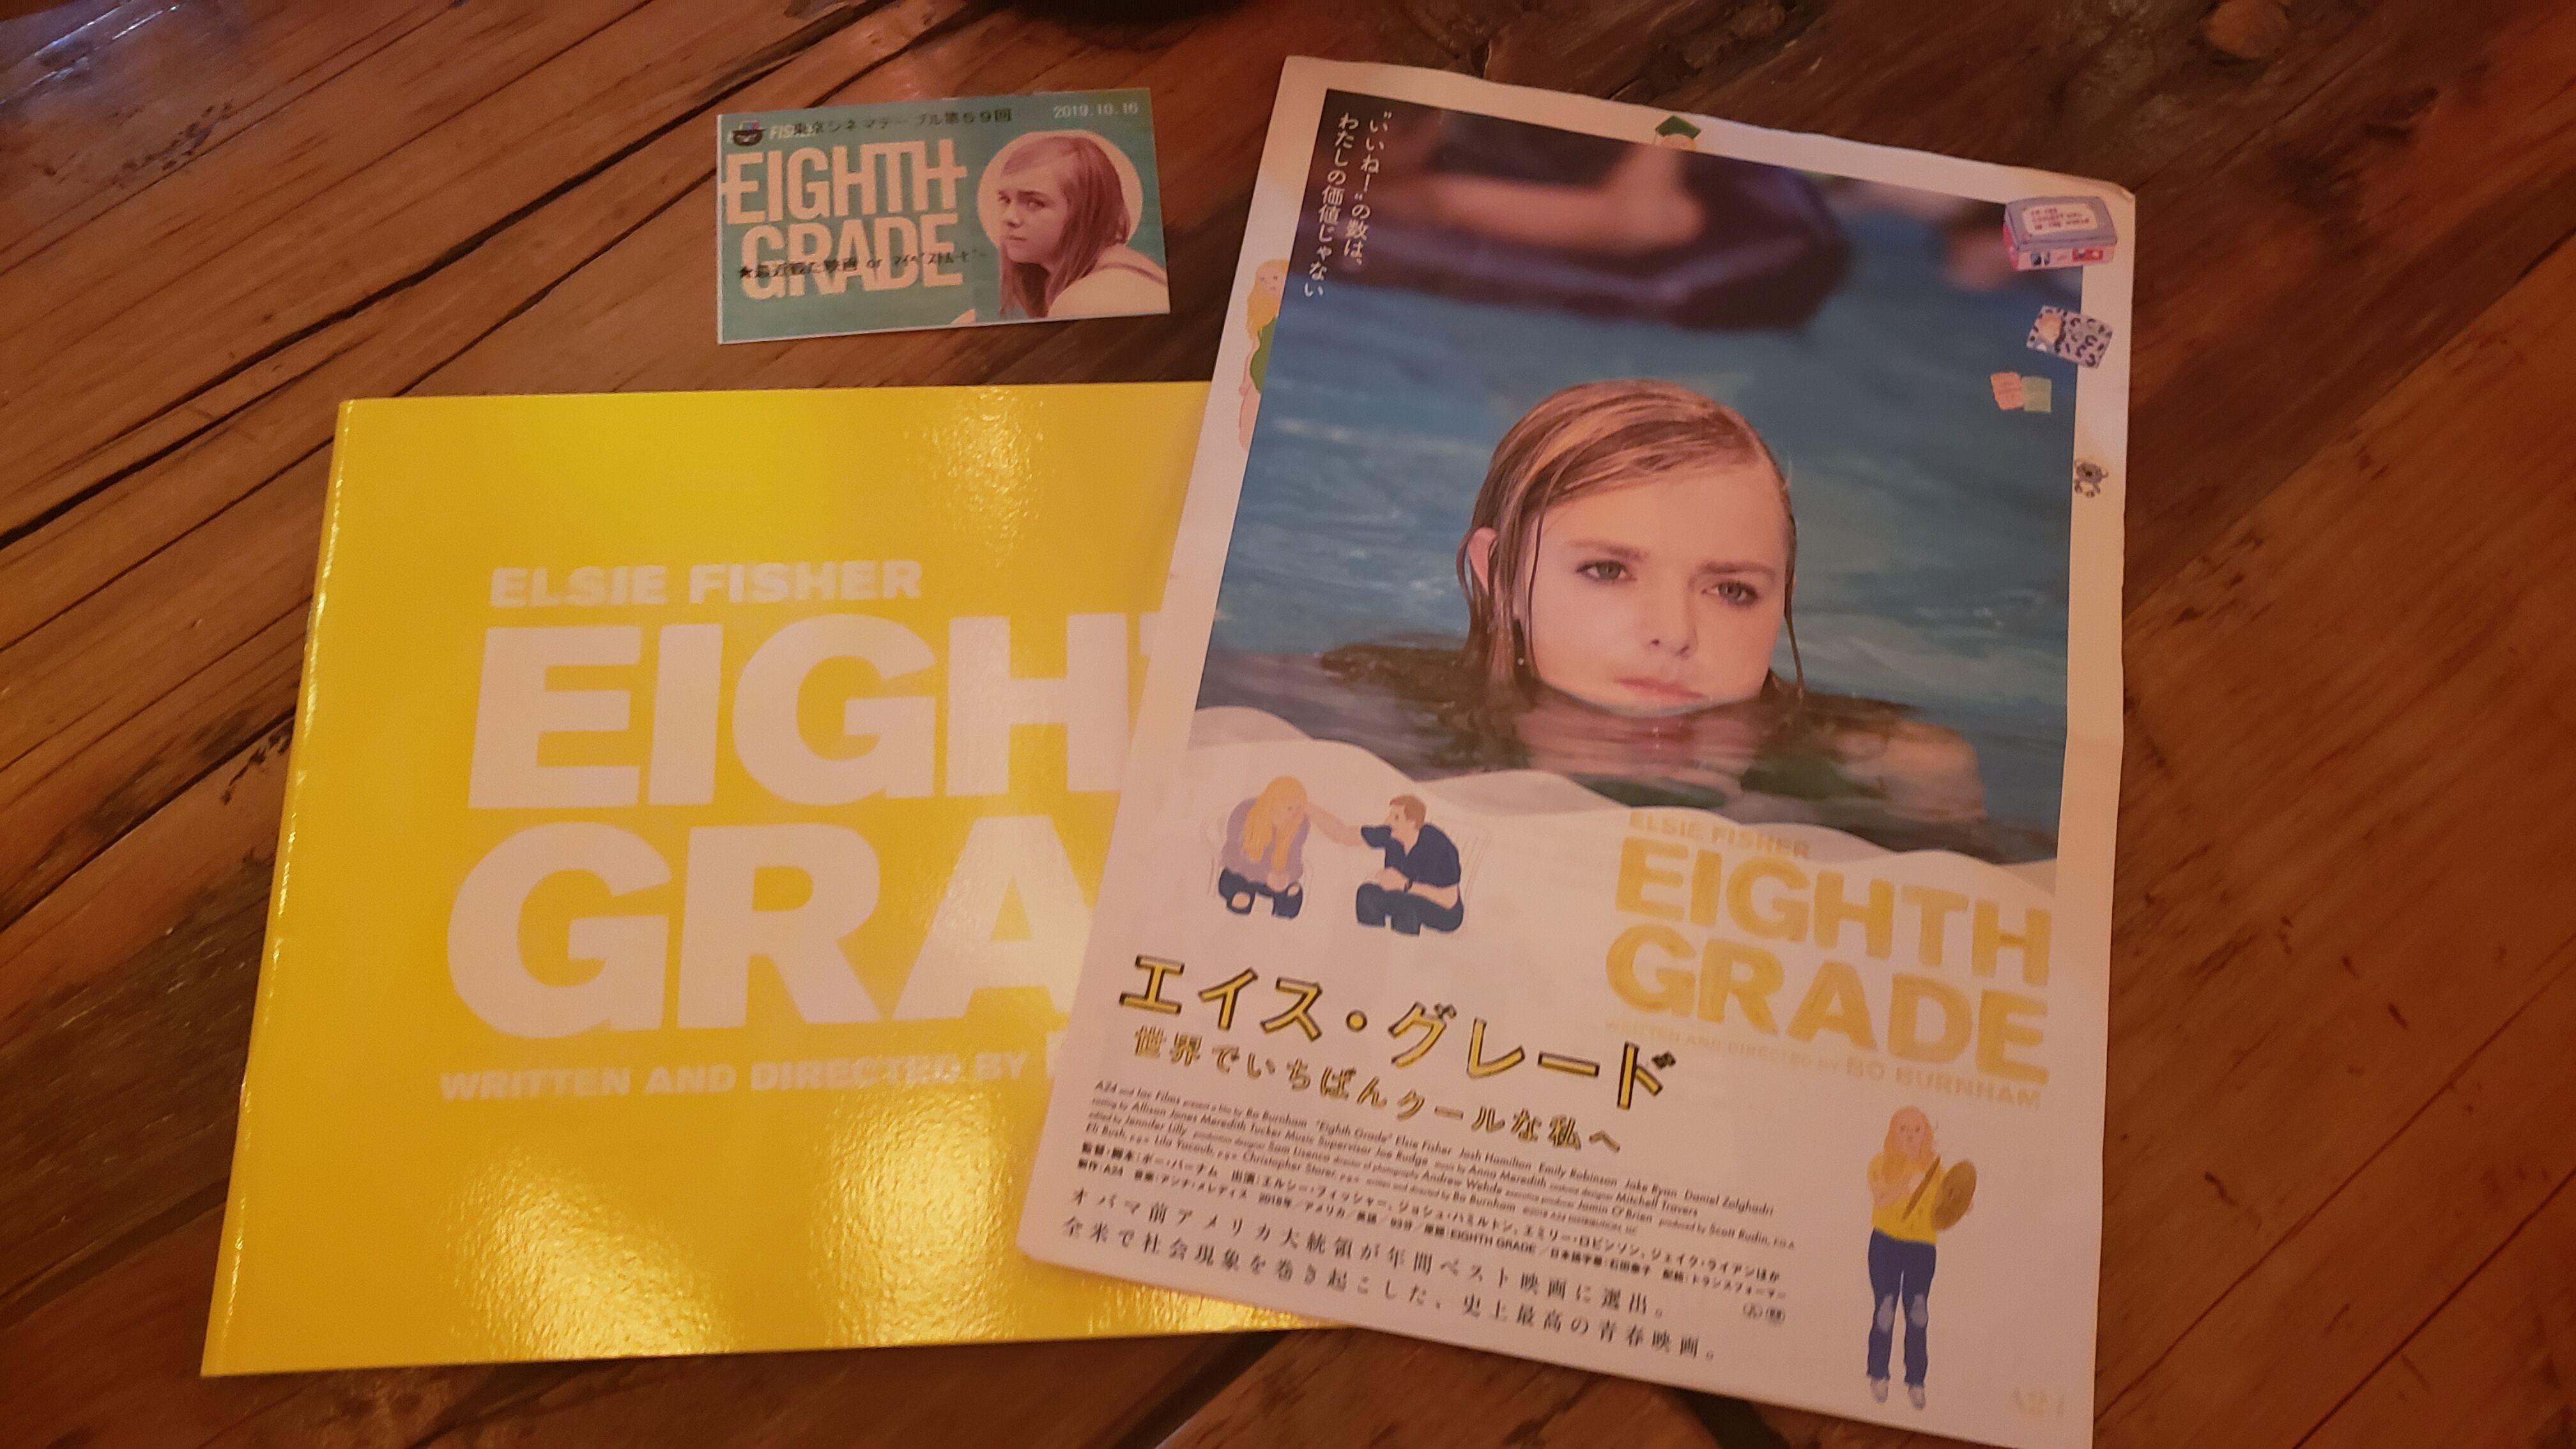 東京シネマテーブル 第59回 「エイス・グレード 世界でいちばんクールな私へ」